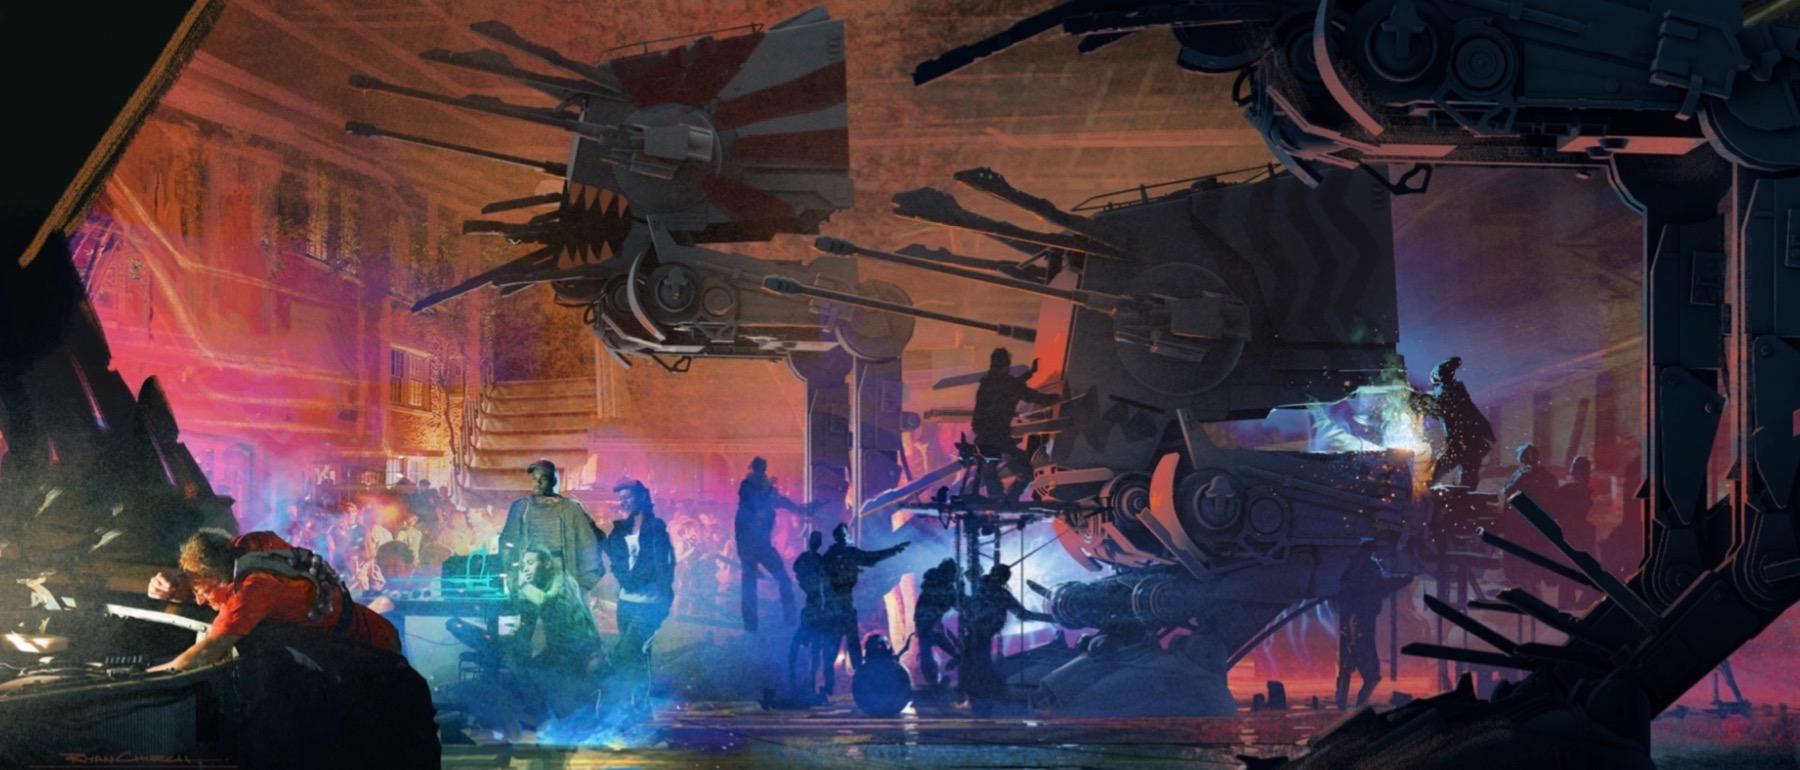 Колин Треворроу концепт-арты фильма Дуэль судеб Нижние уровни Корусанта, жители готовят старые шагоходы к атаке